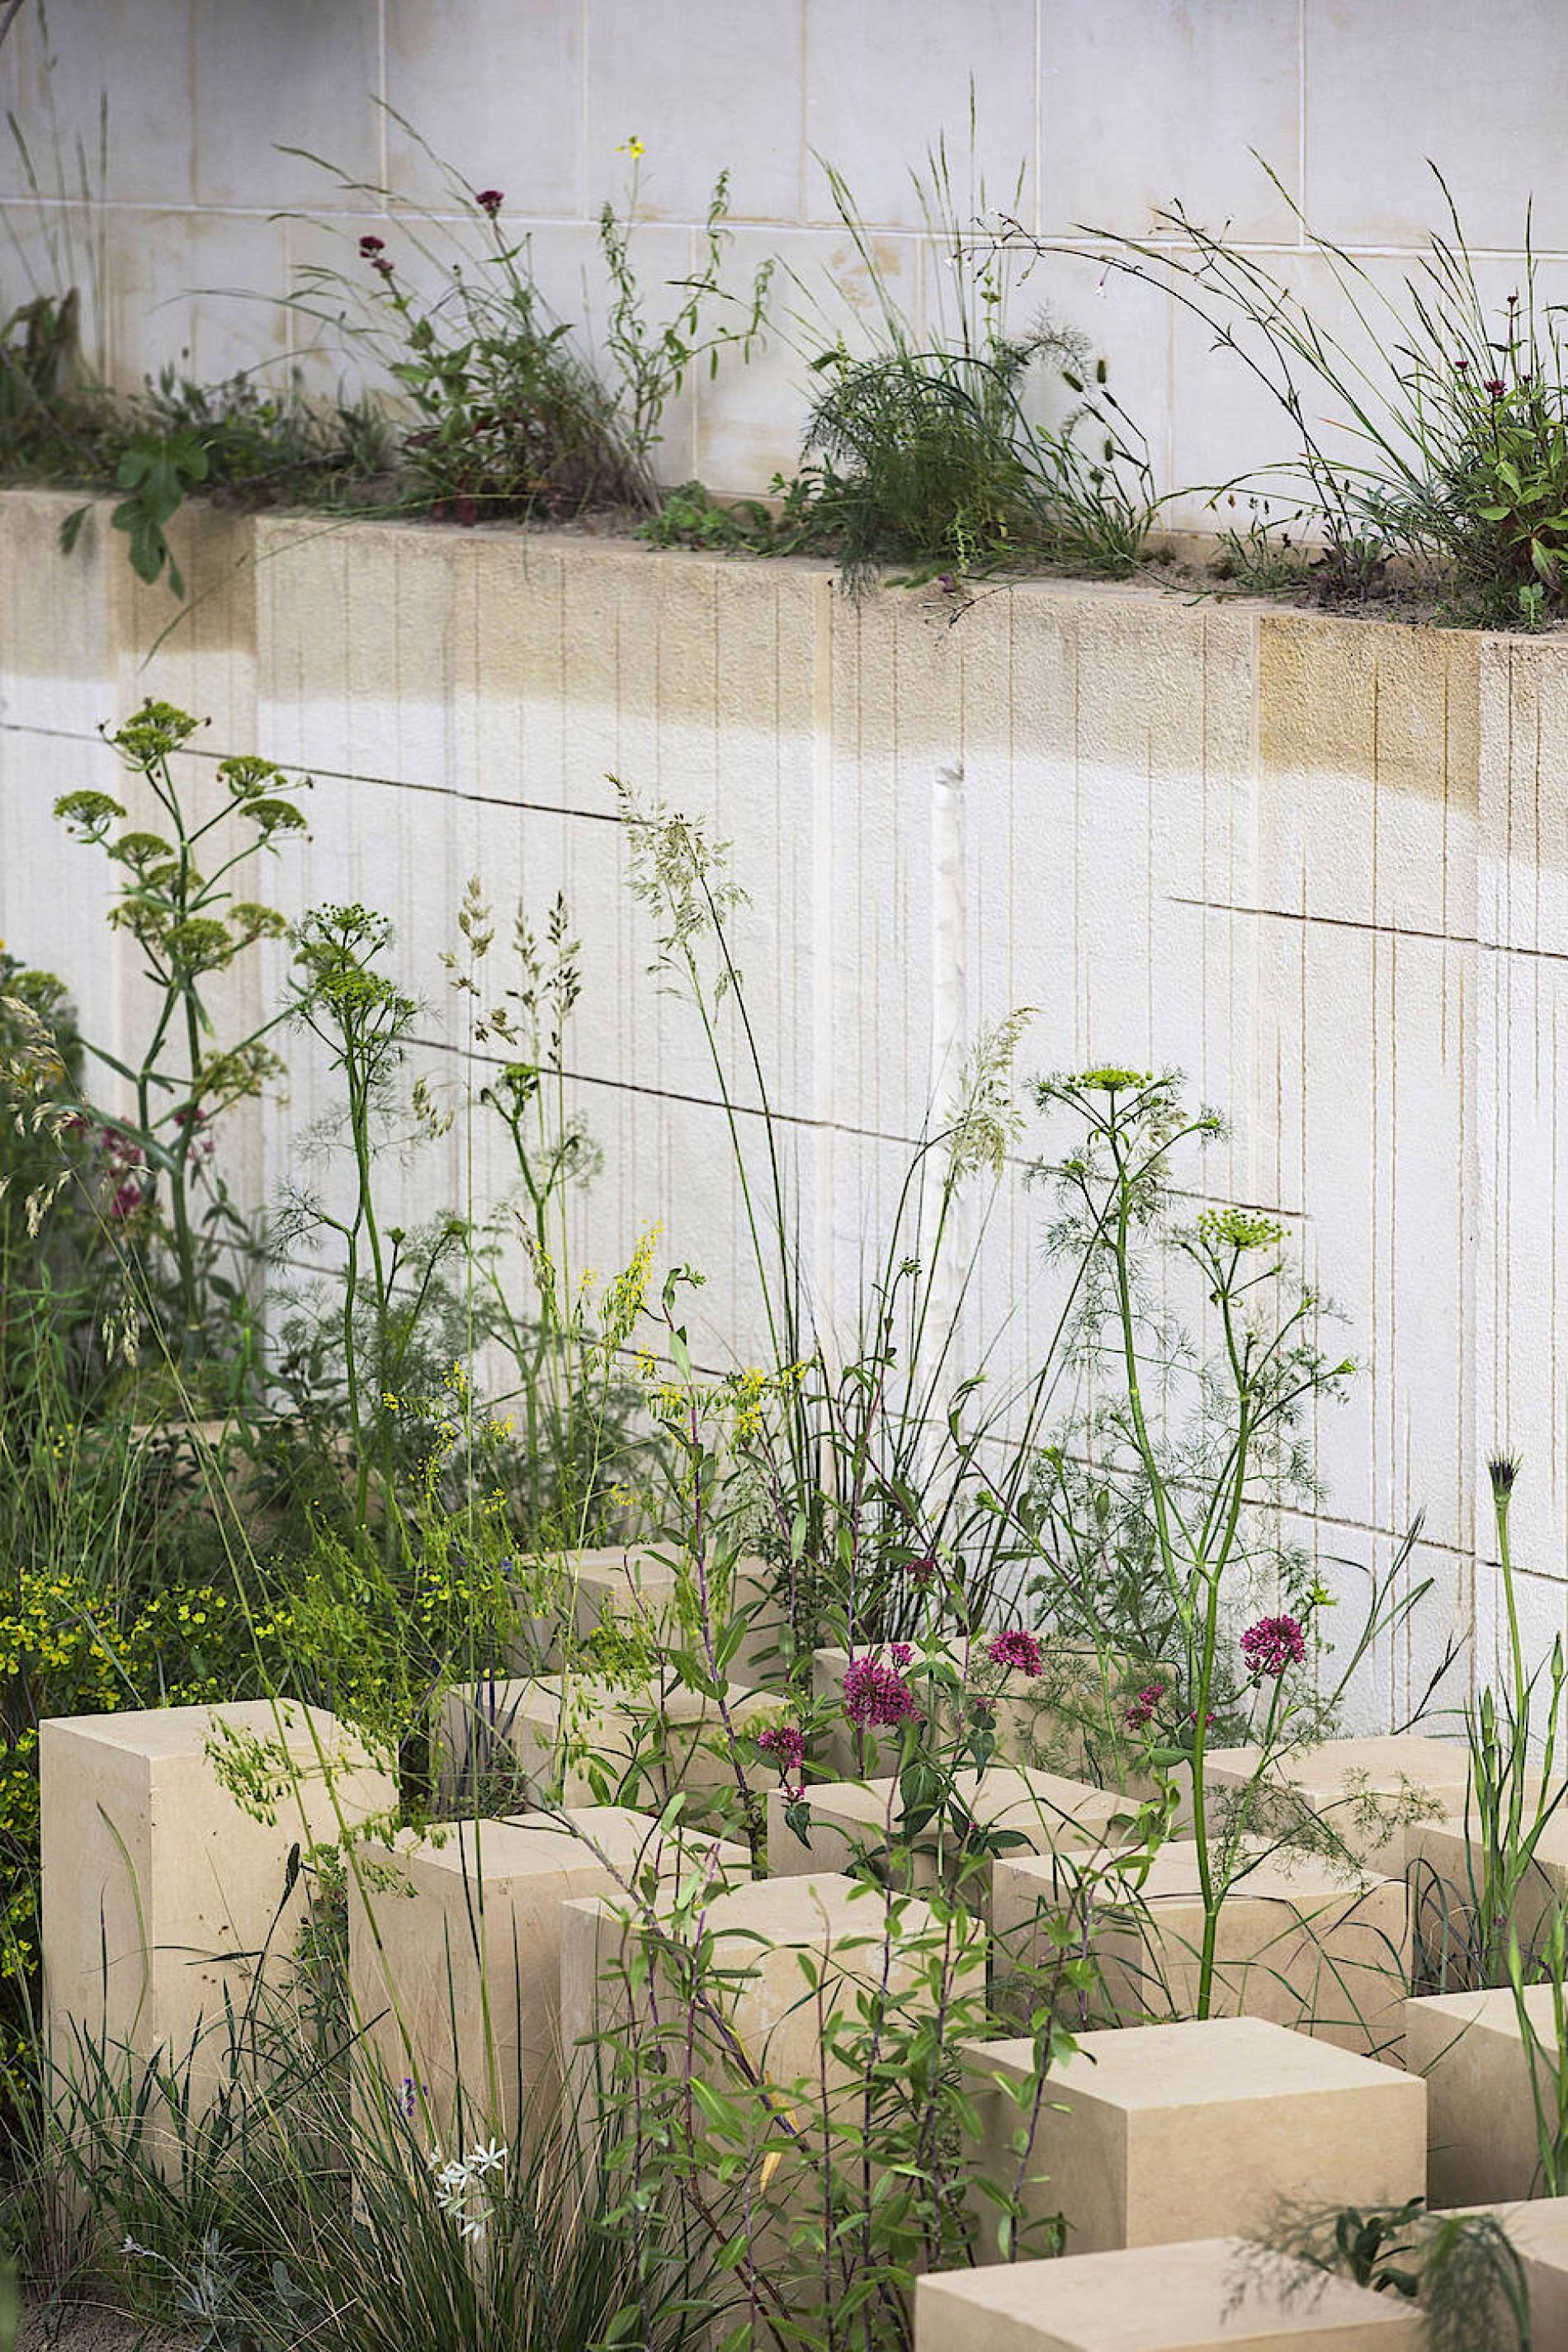 nachhaltige garten kunst skulpturen pflanzen, wohin die trends im gartendesign gehen, Design ideen